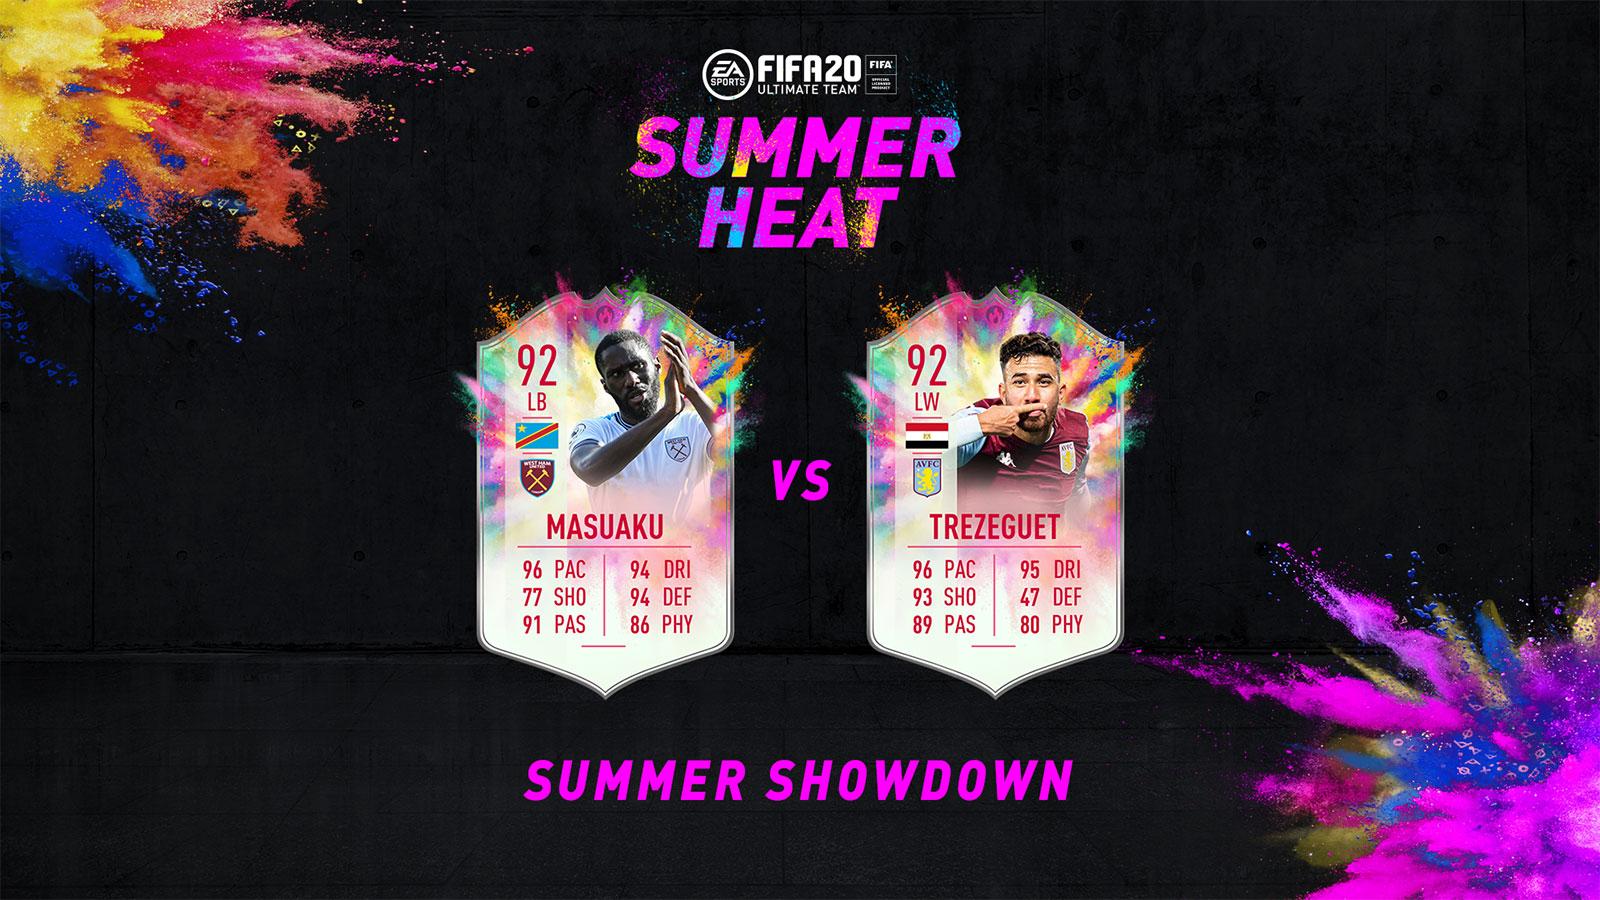 Masuaku vs Trezeguet Summer Showdown FIFA 20